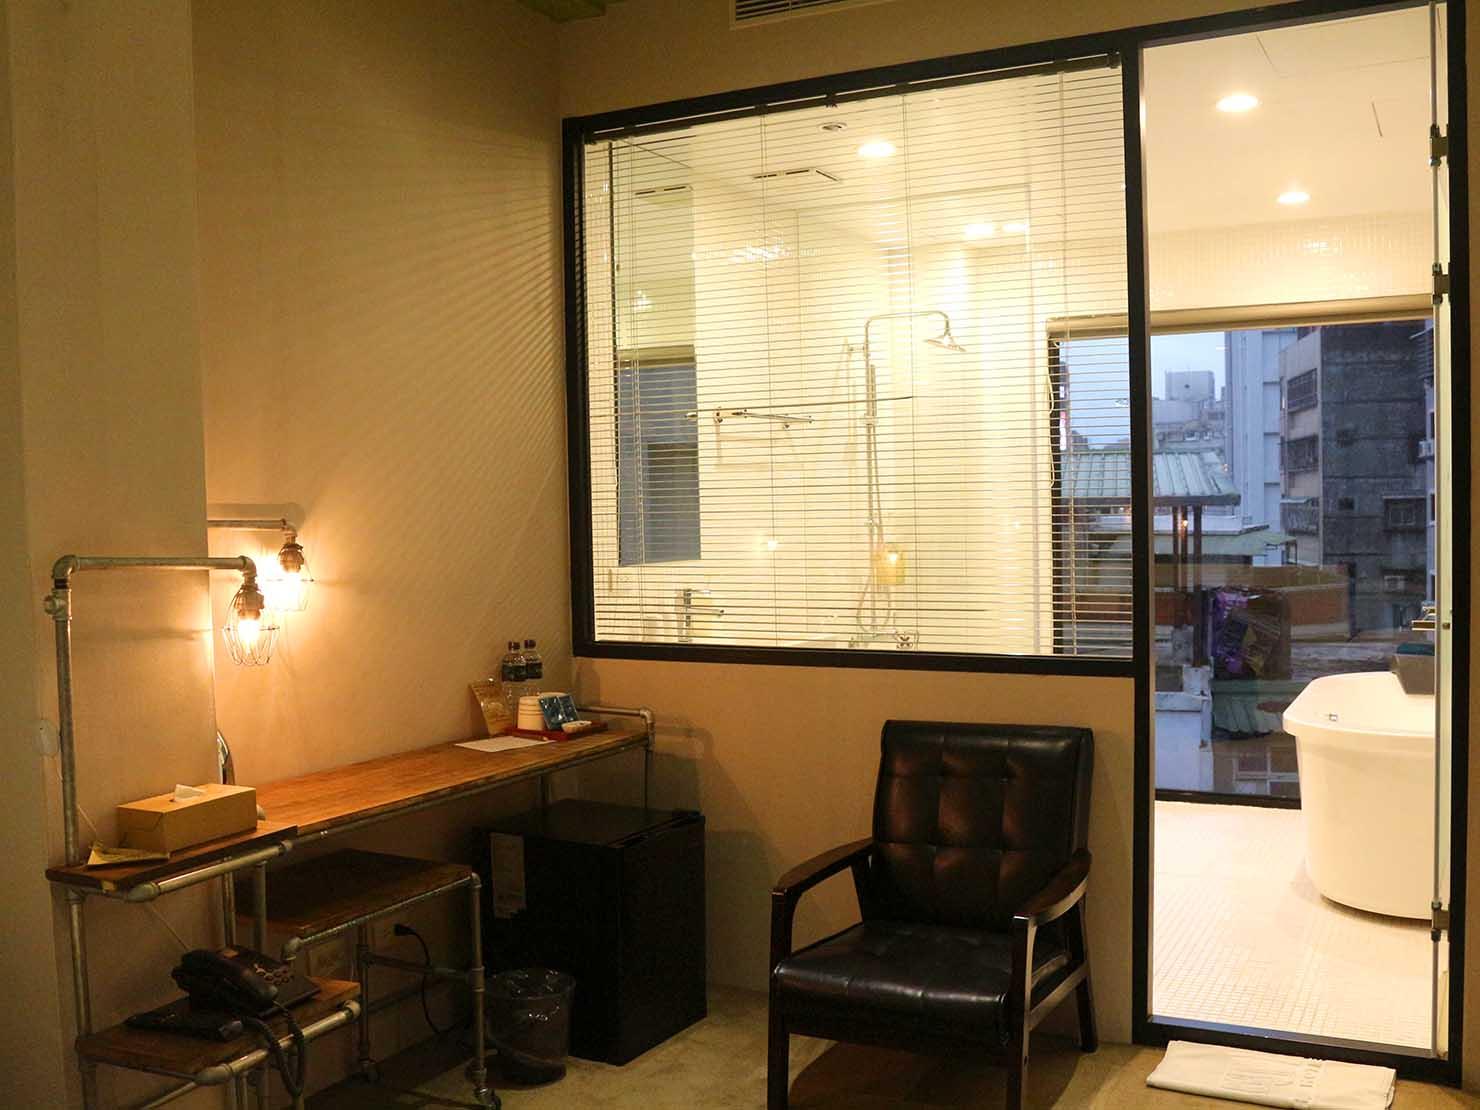 台北・西門町のLGBTフレンドリーホテル「町・記憶旅店 Cho Hotel」行政套房(Executive Double)